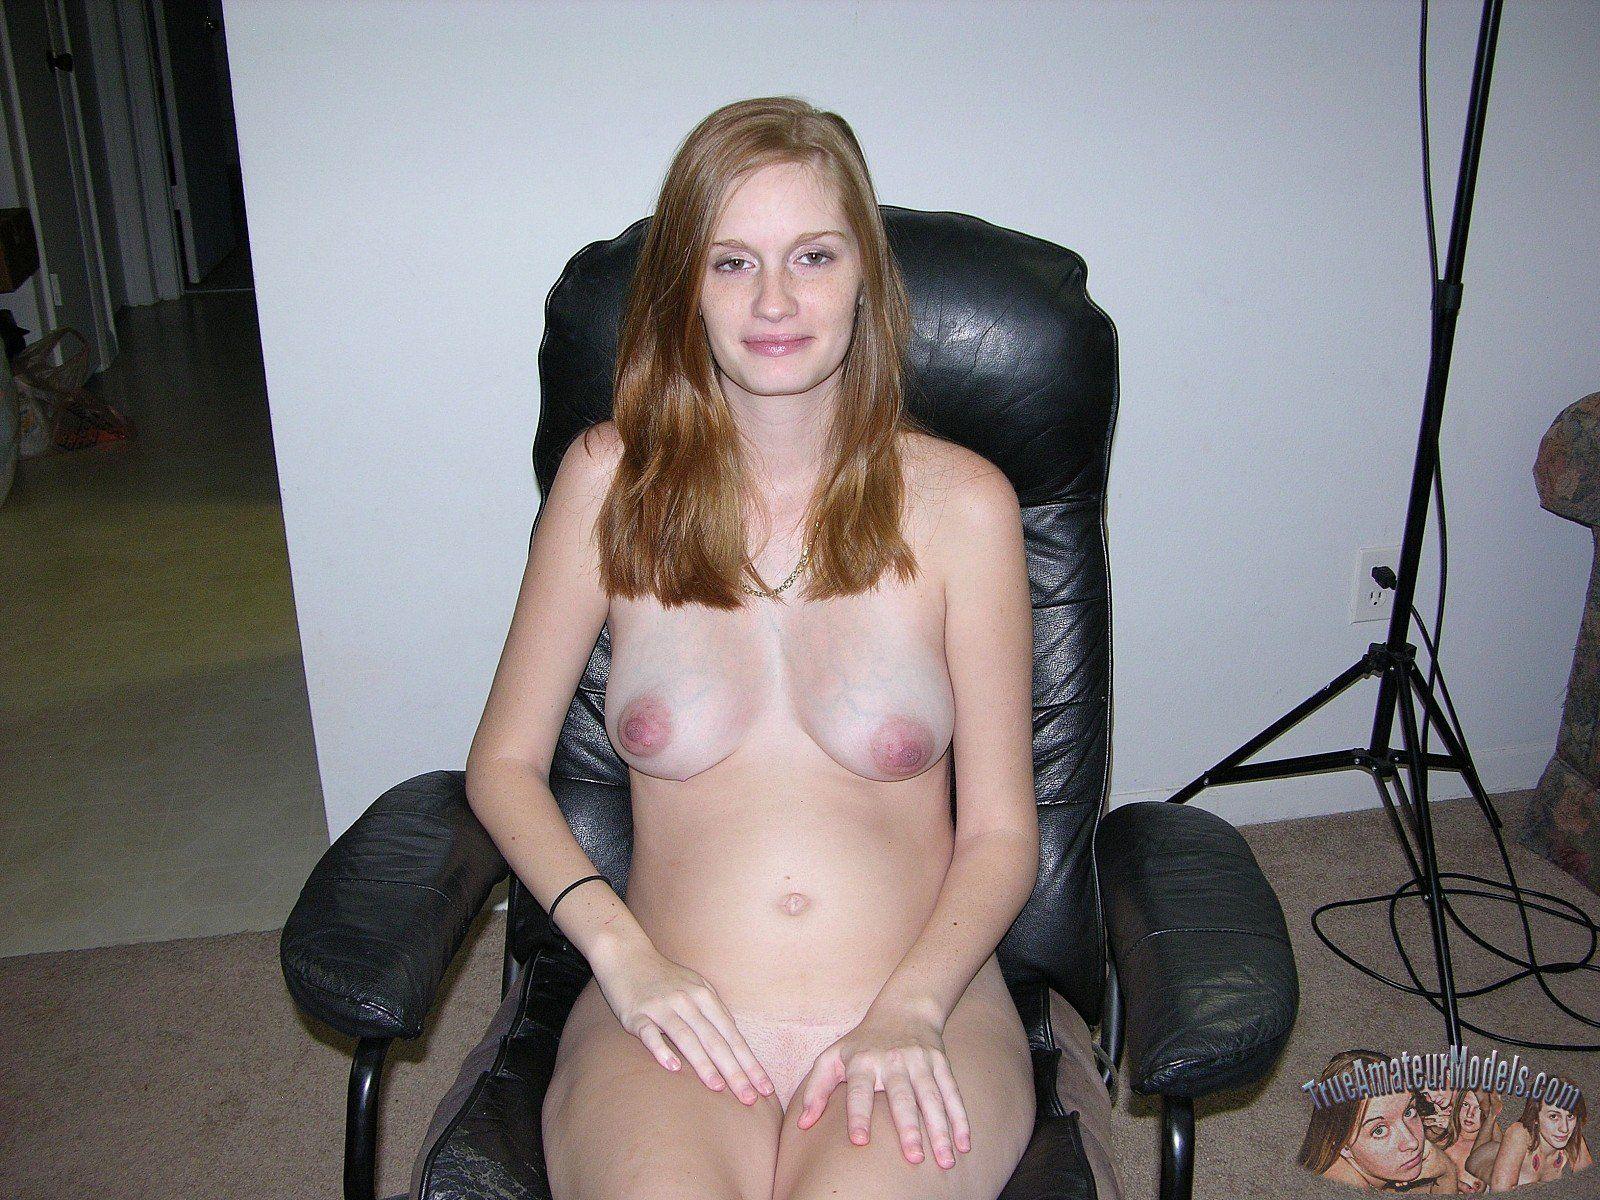 best of Teens redhead Nude amateur